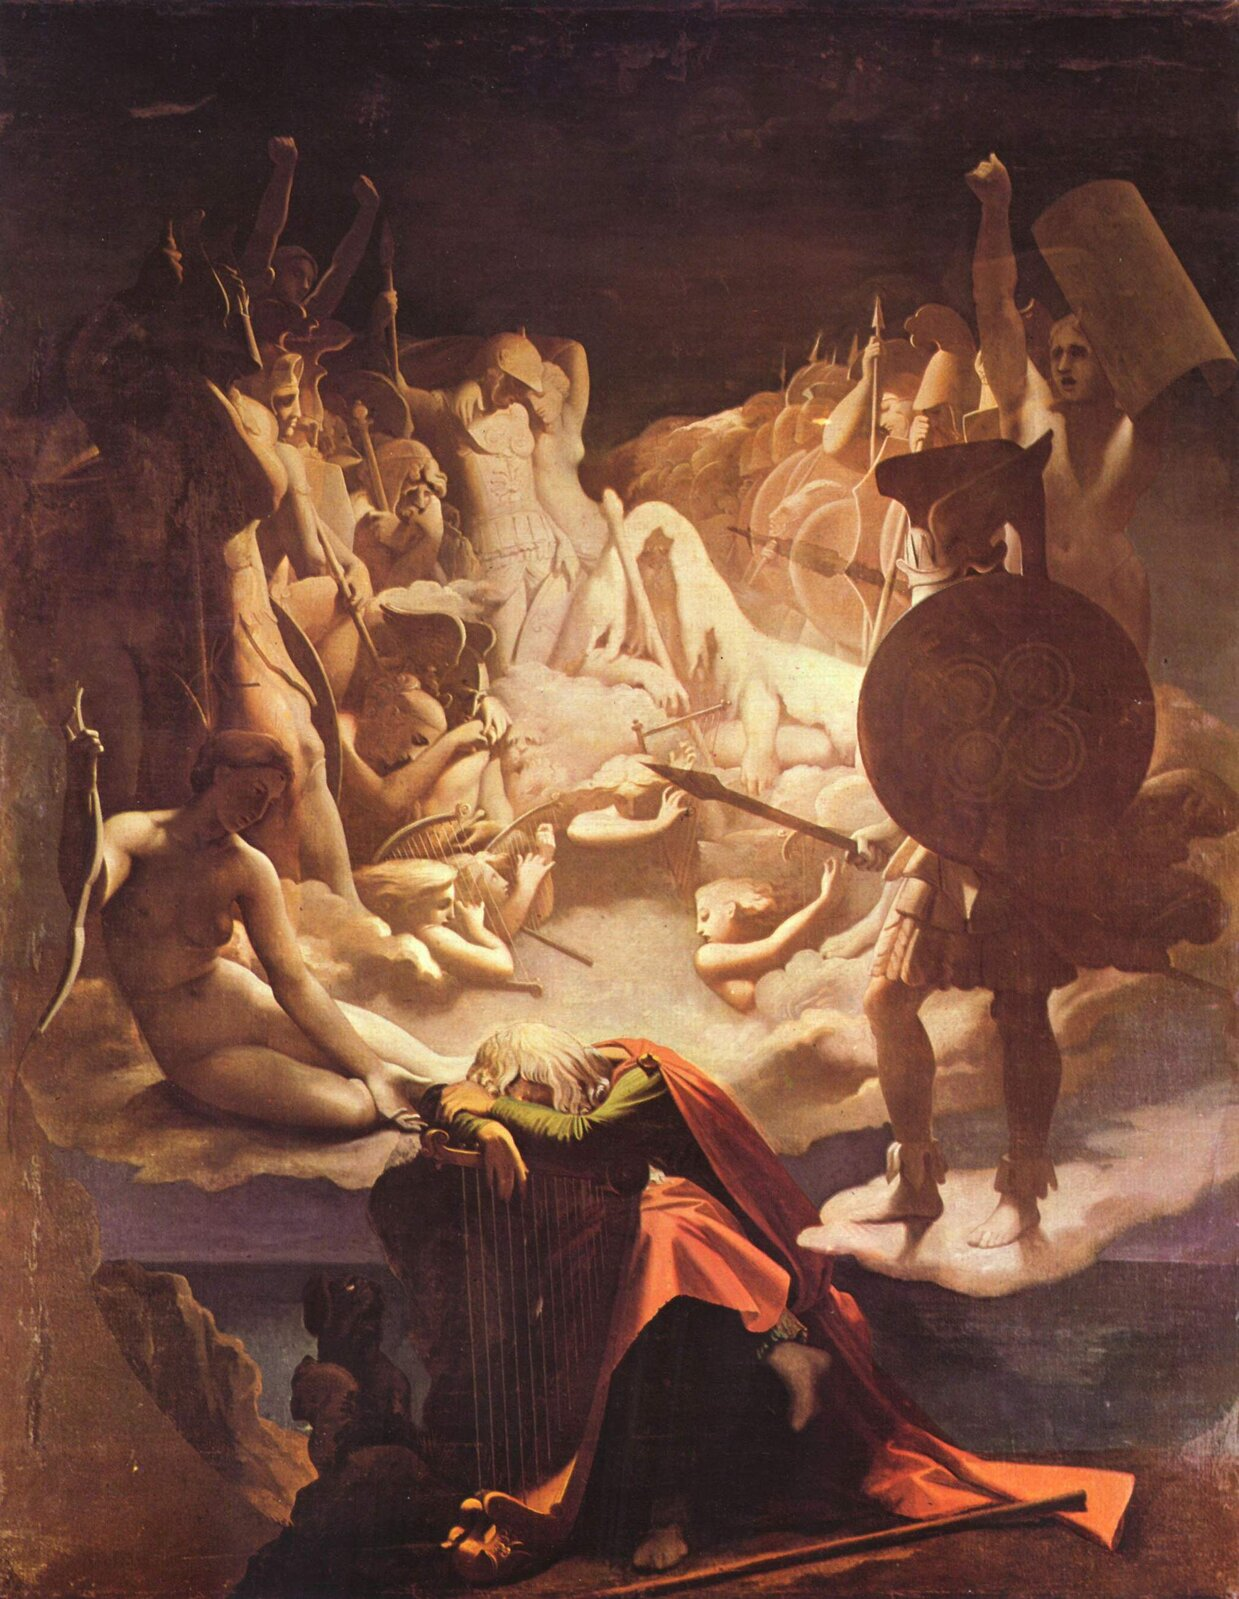 Sen Osjana Źródło: Jean Auguste Ingres, Sen Osjana, 1813, domena publiczna.